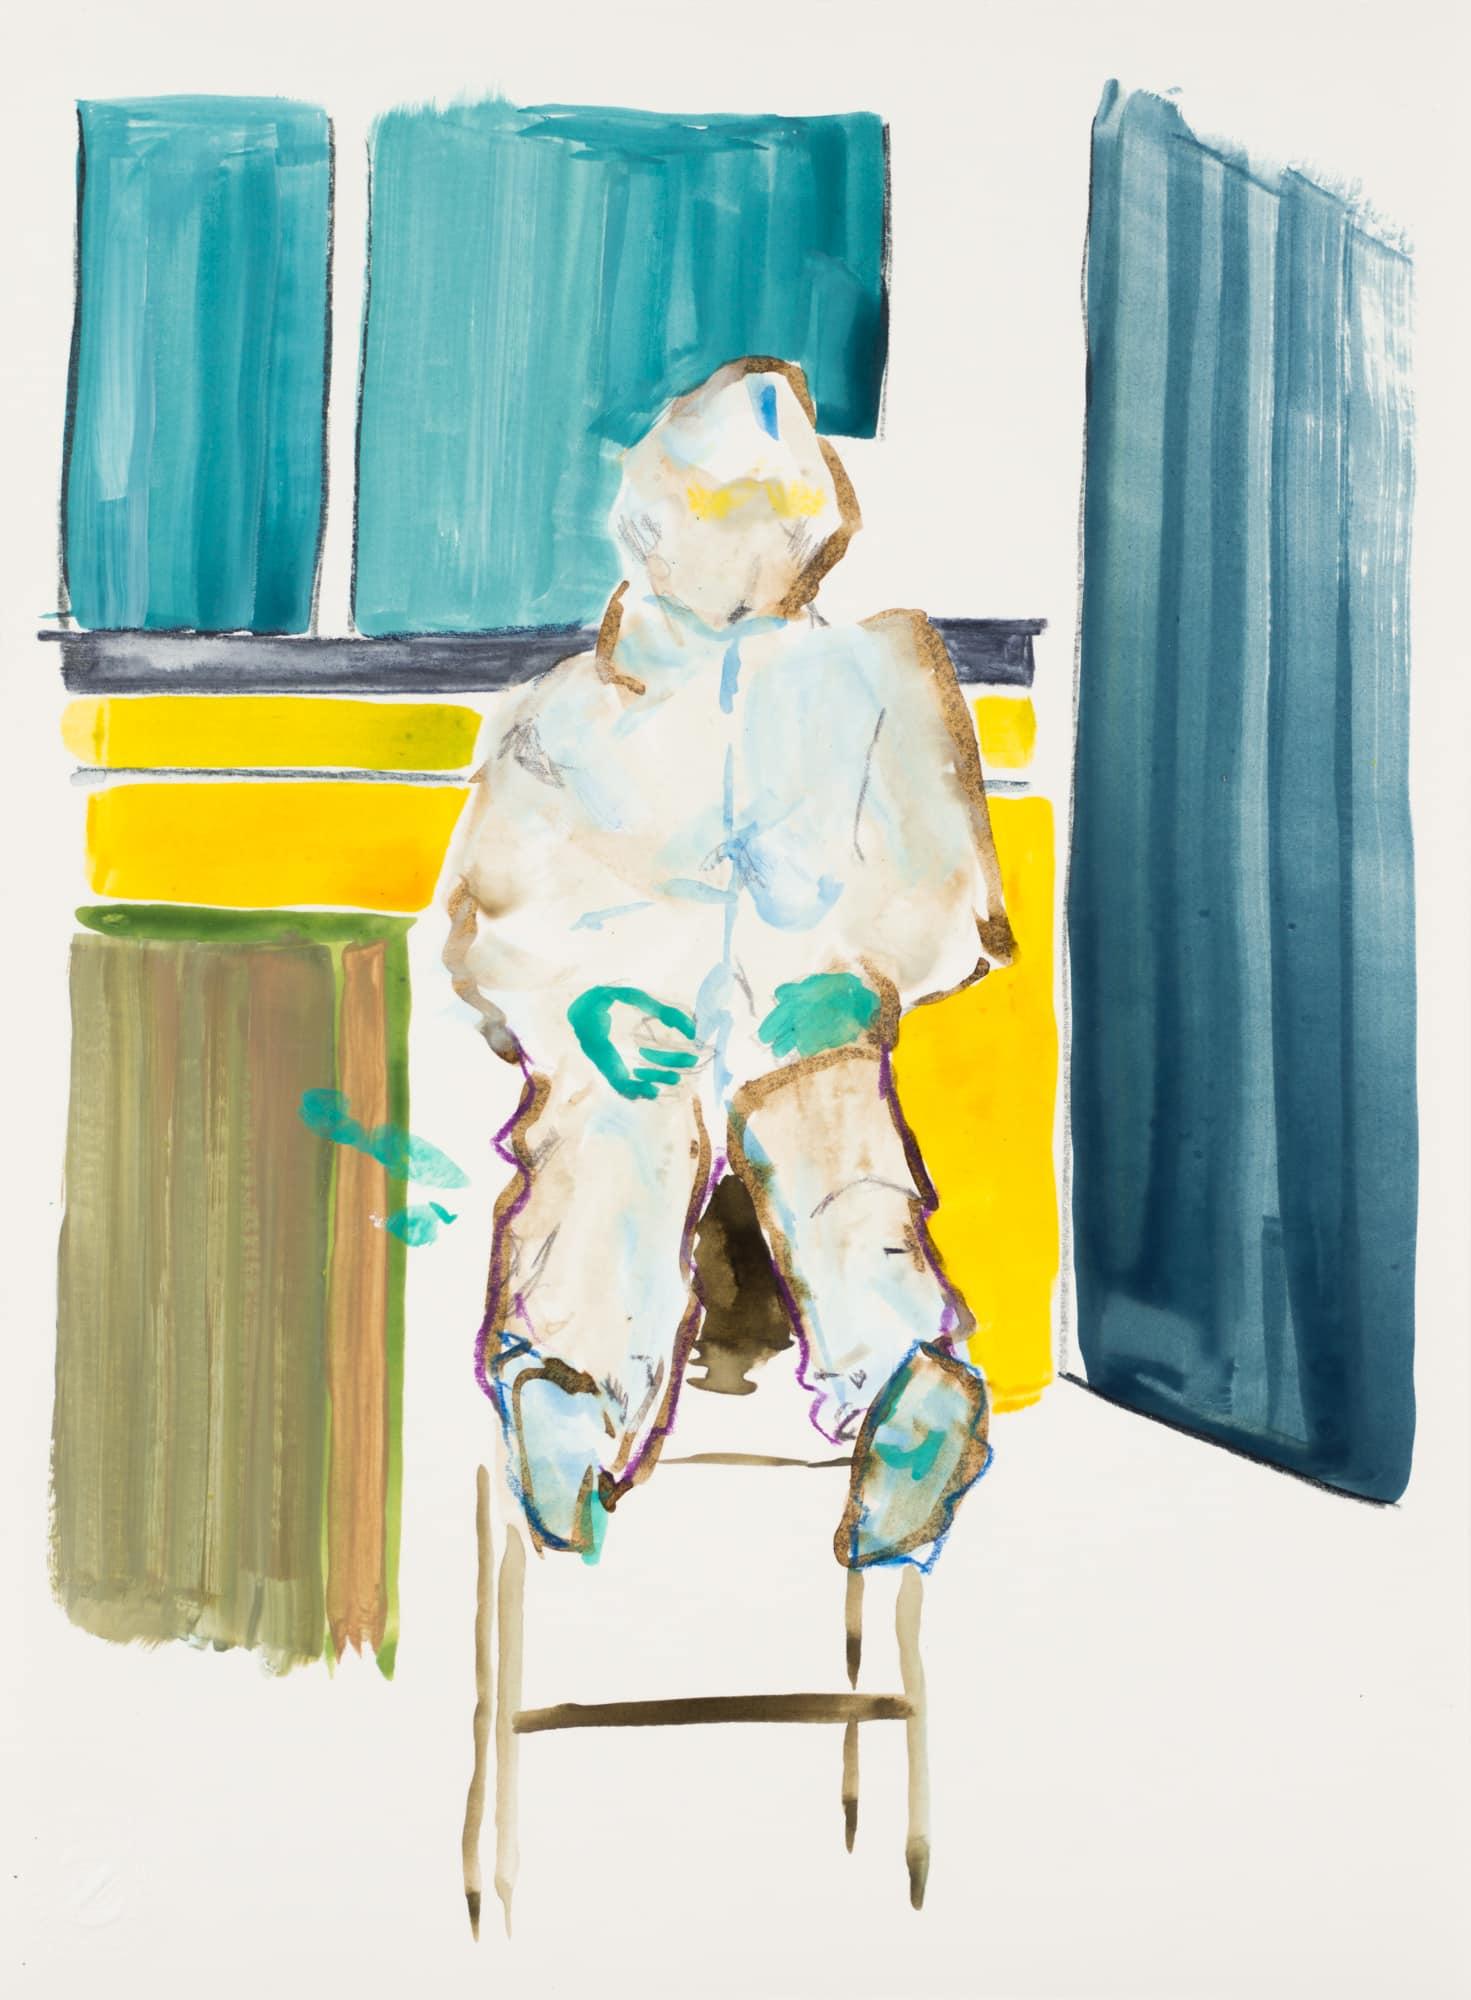 Zeichnung, Gouache und Tusche auf Papier, 22x30cm, Medienbild Corona, Künstlerin: Franziska King